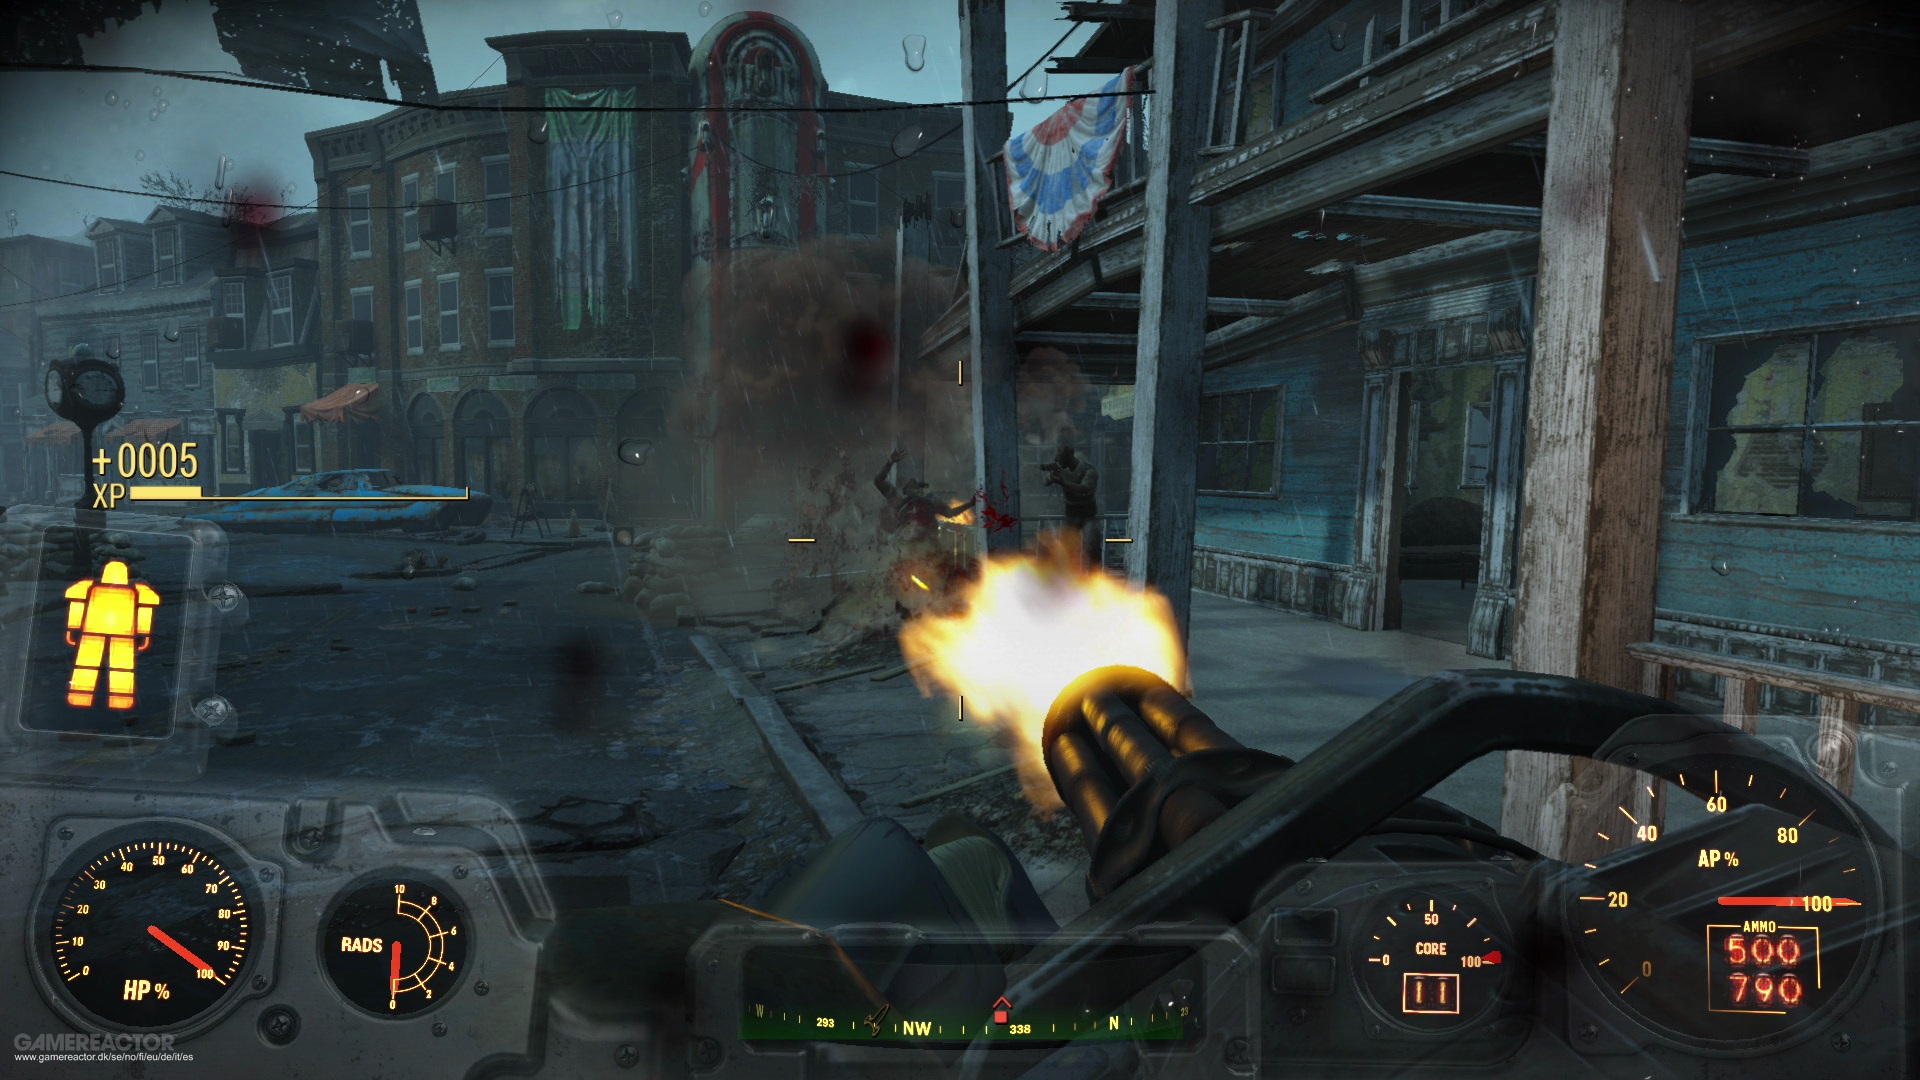 Fallout 4 vyjde už v listopadu. Hra se předvedla na E3 110191